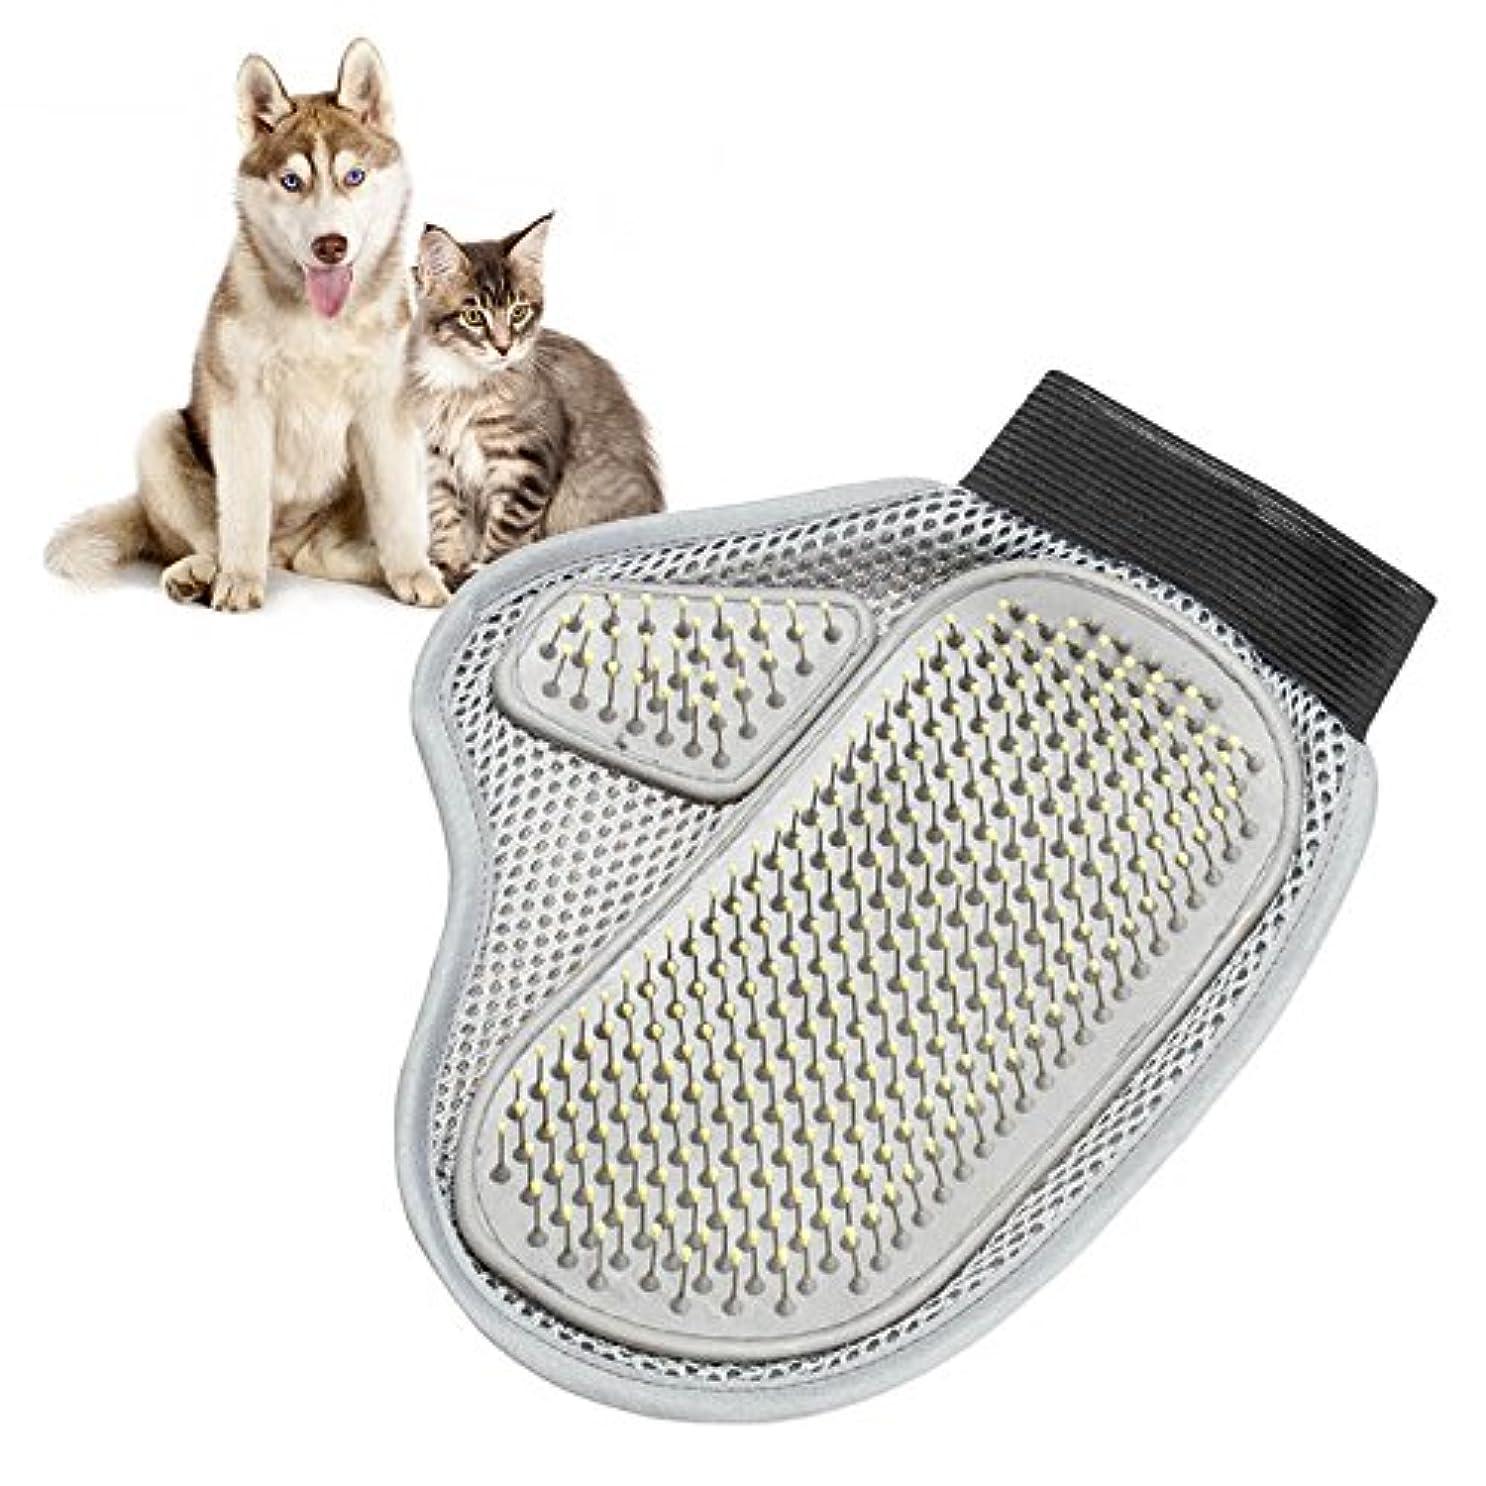 アームストロングハーフロビーBTXXYJP ペット ブラシ 手袋 猫 ブラシ グローブ クリーナー 耐摩耗 抜け毛取り マッサージブラシ 犬 グローブ (Color : Gray, Size : M)